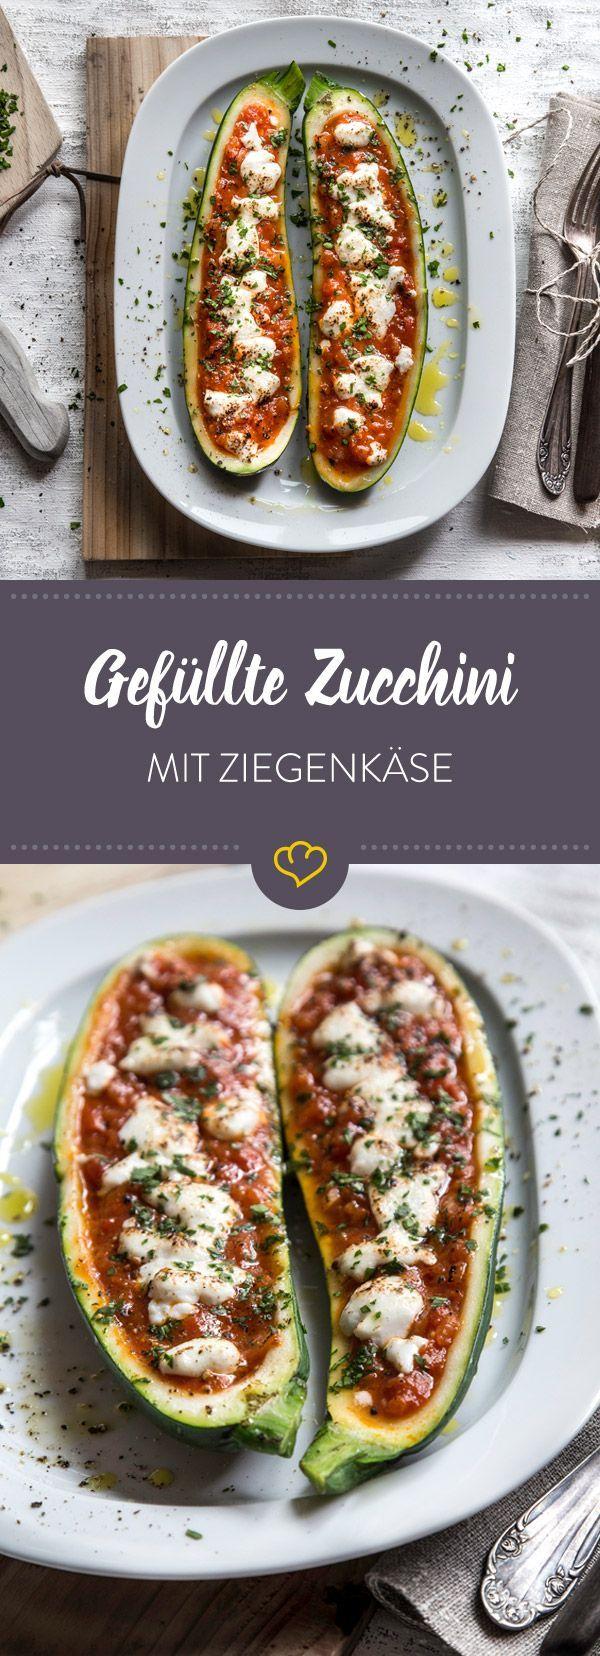 Gefüllte Zucchini mit Tomatensauce und Ziegenkäse - #fitness #Gefüllte #mit #Tomatensauce #und #Zieg...